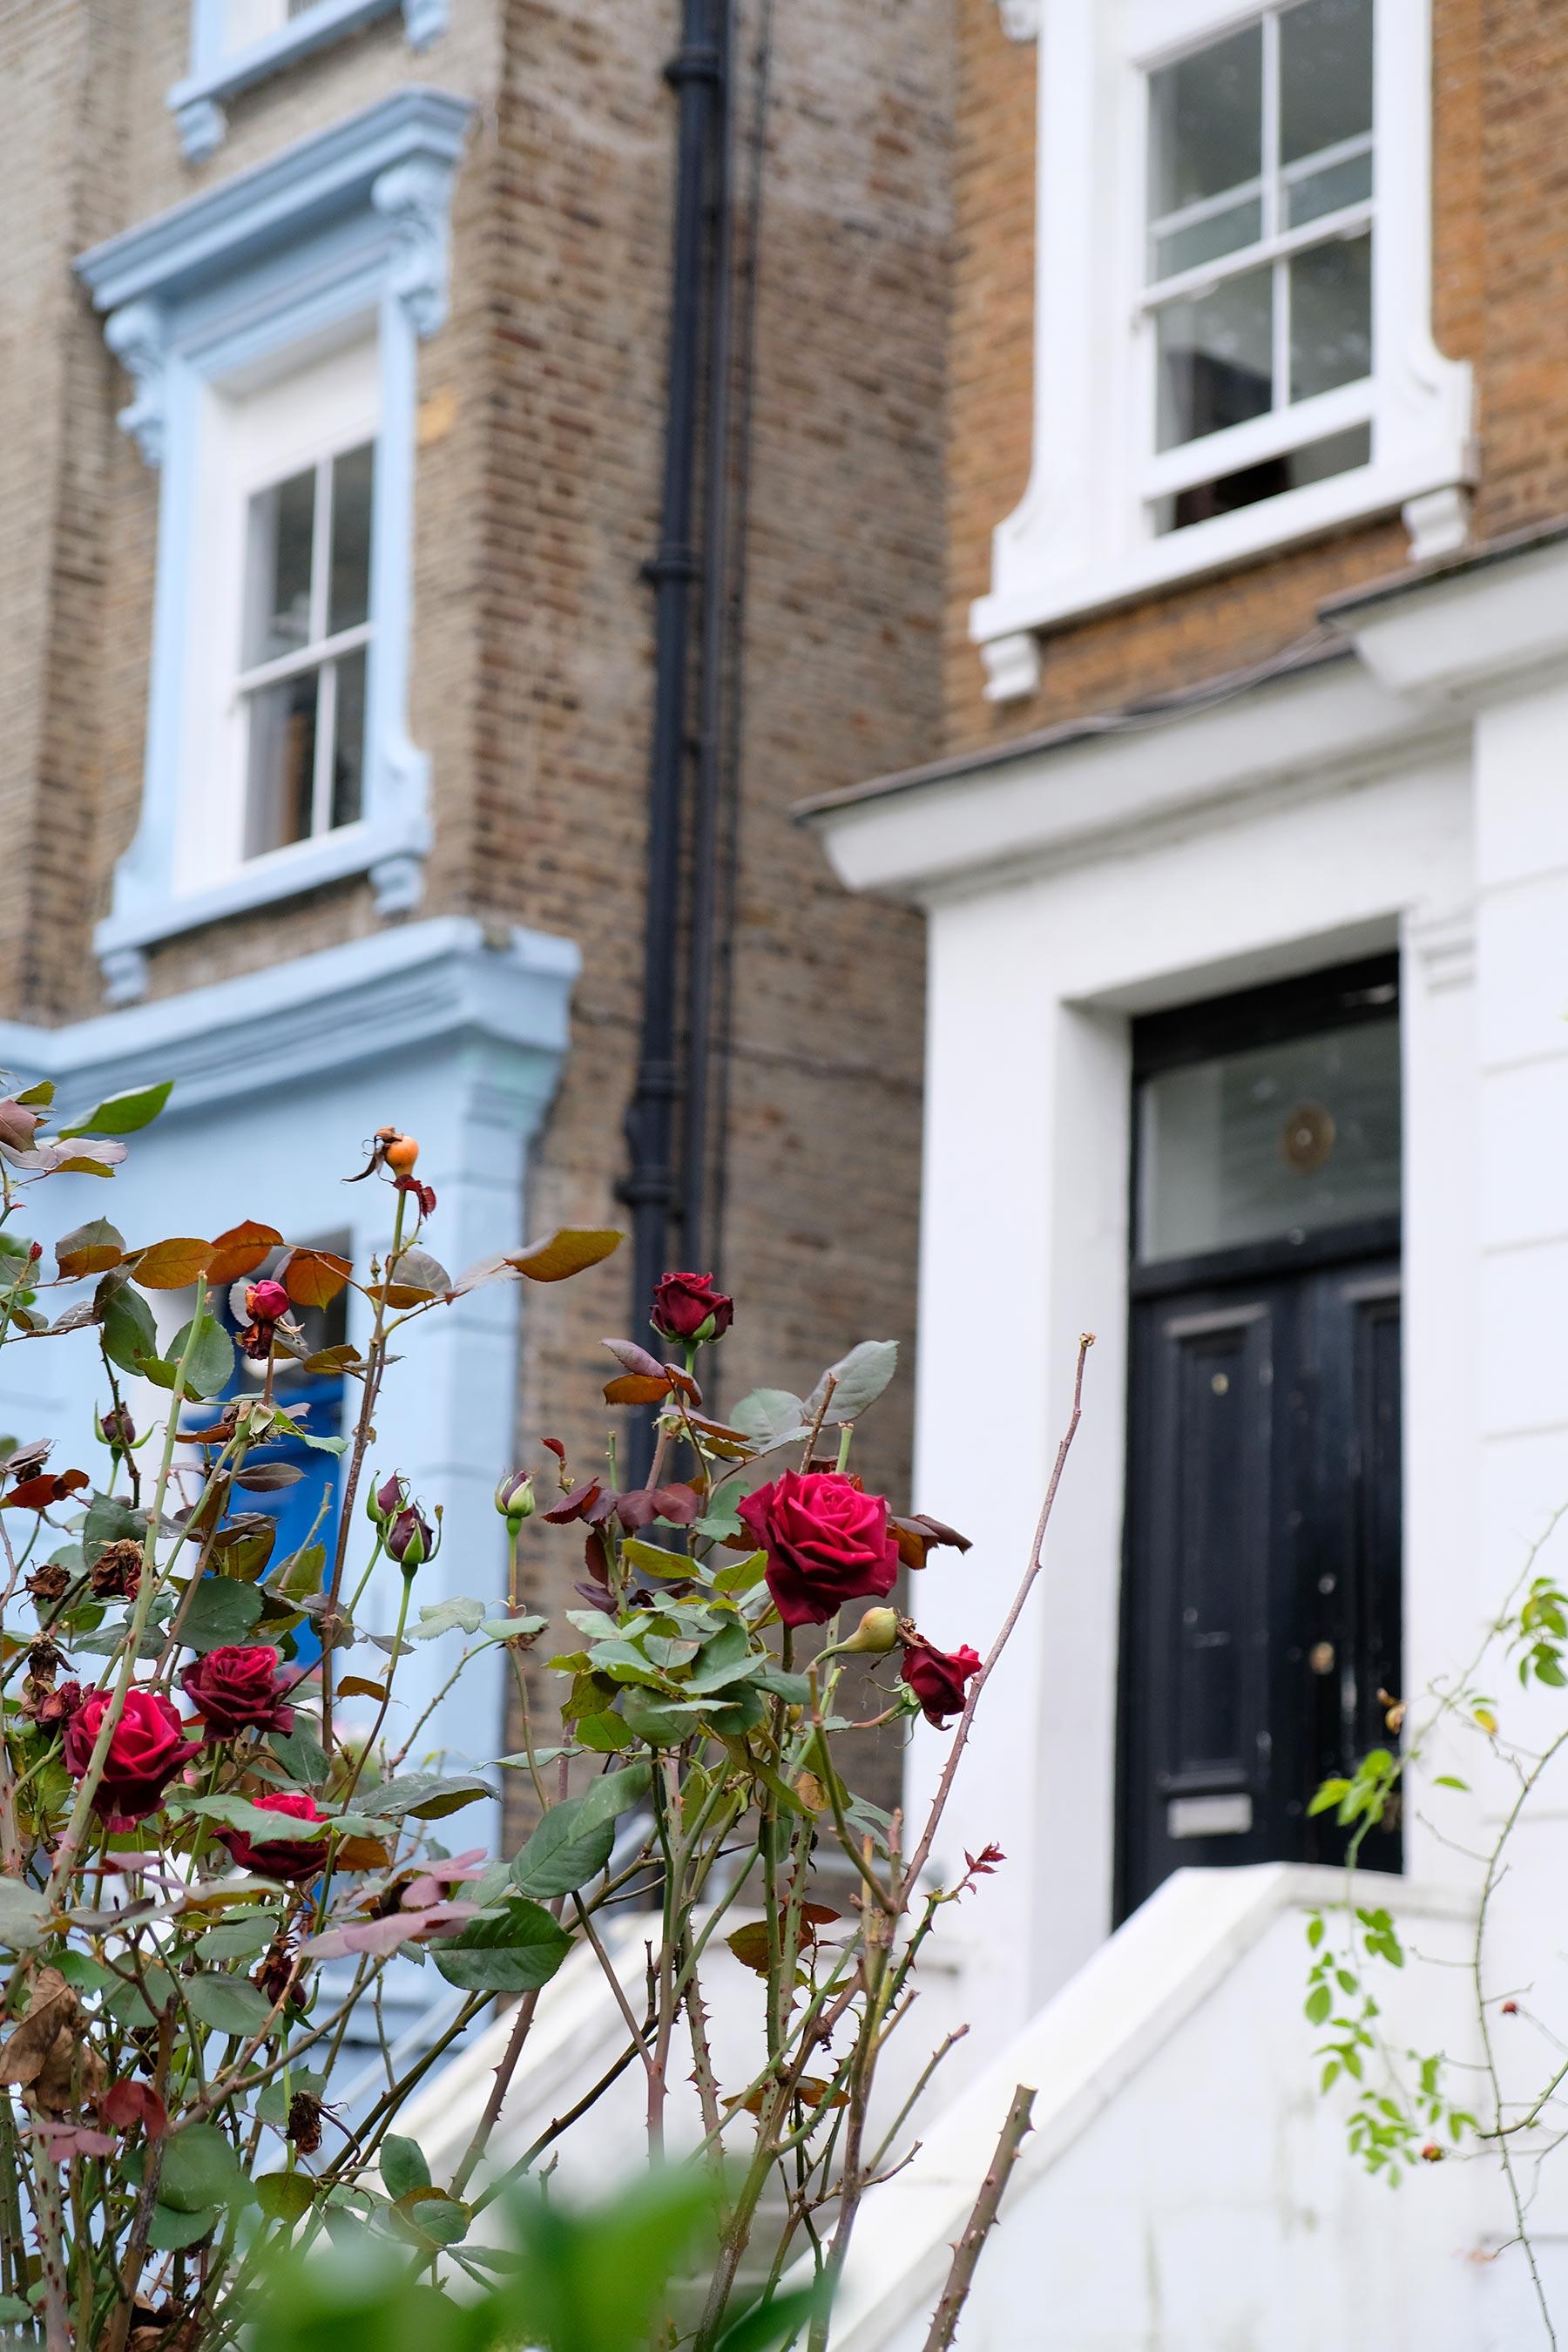 Notting hill, St Luke's mew et ses maisons colorées